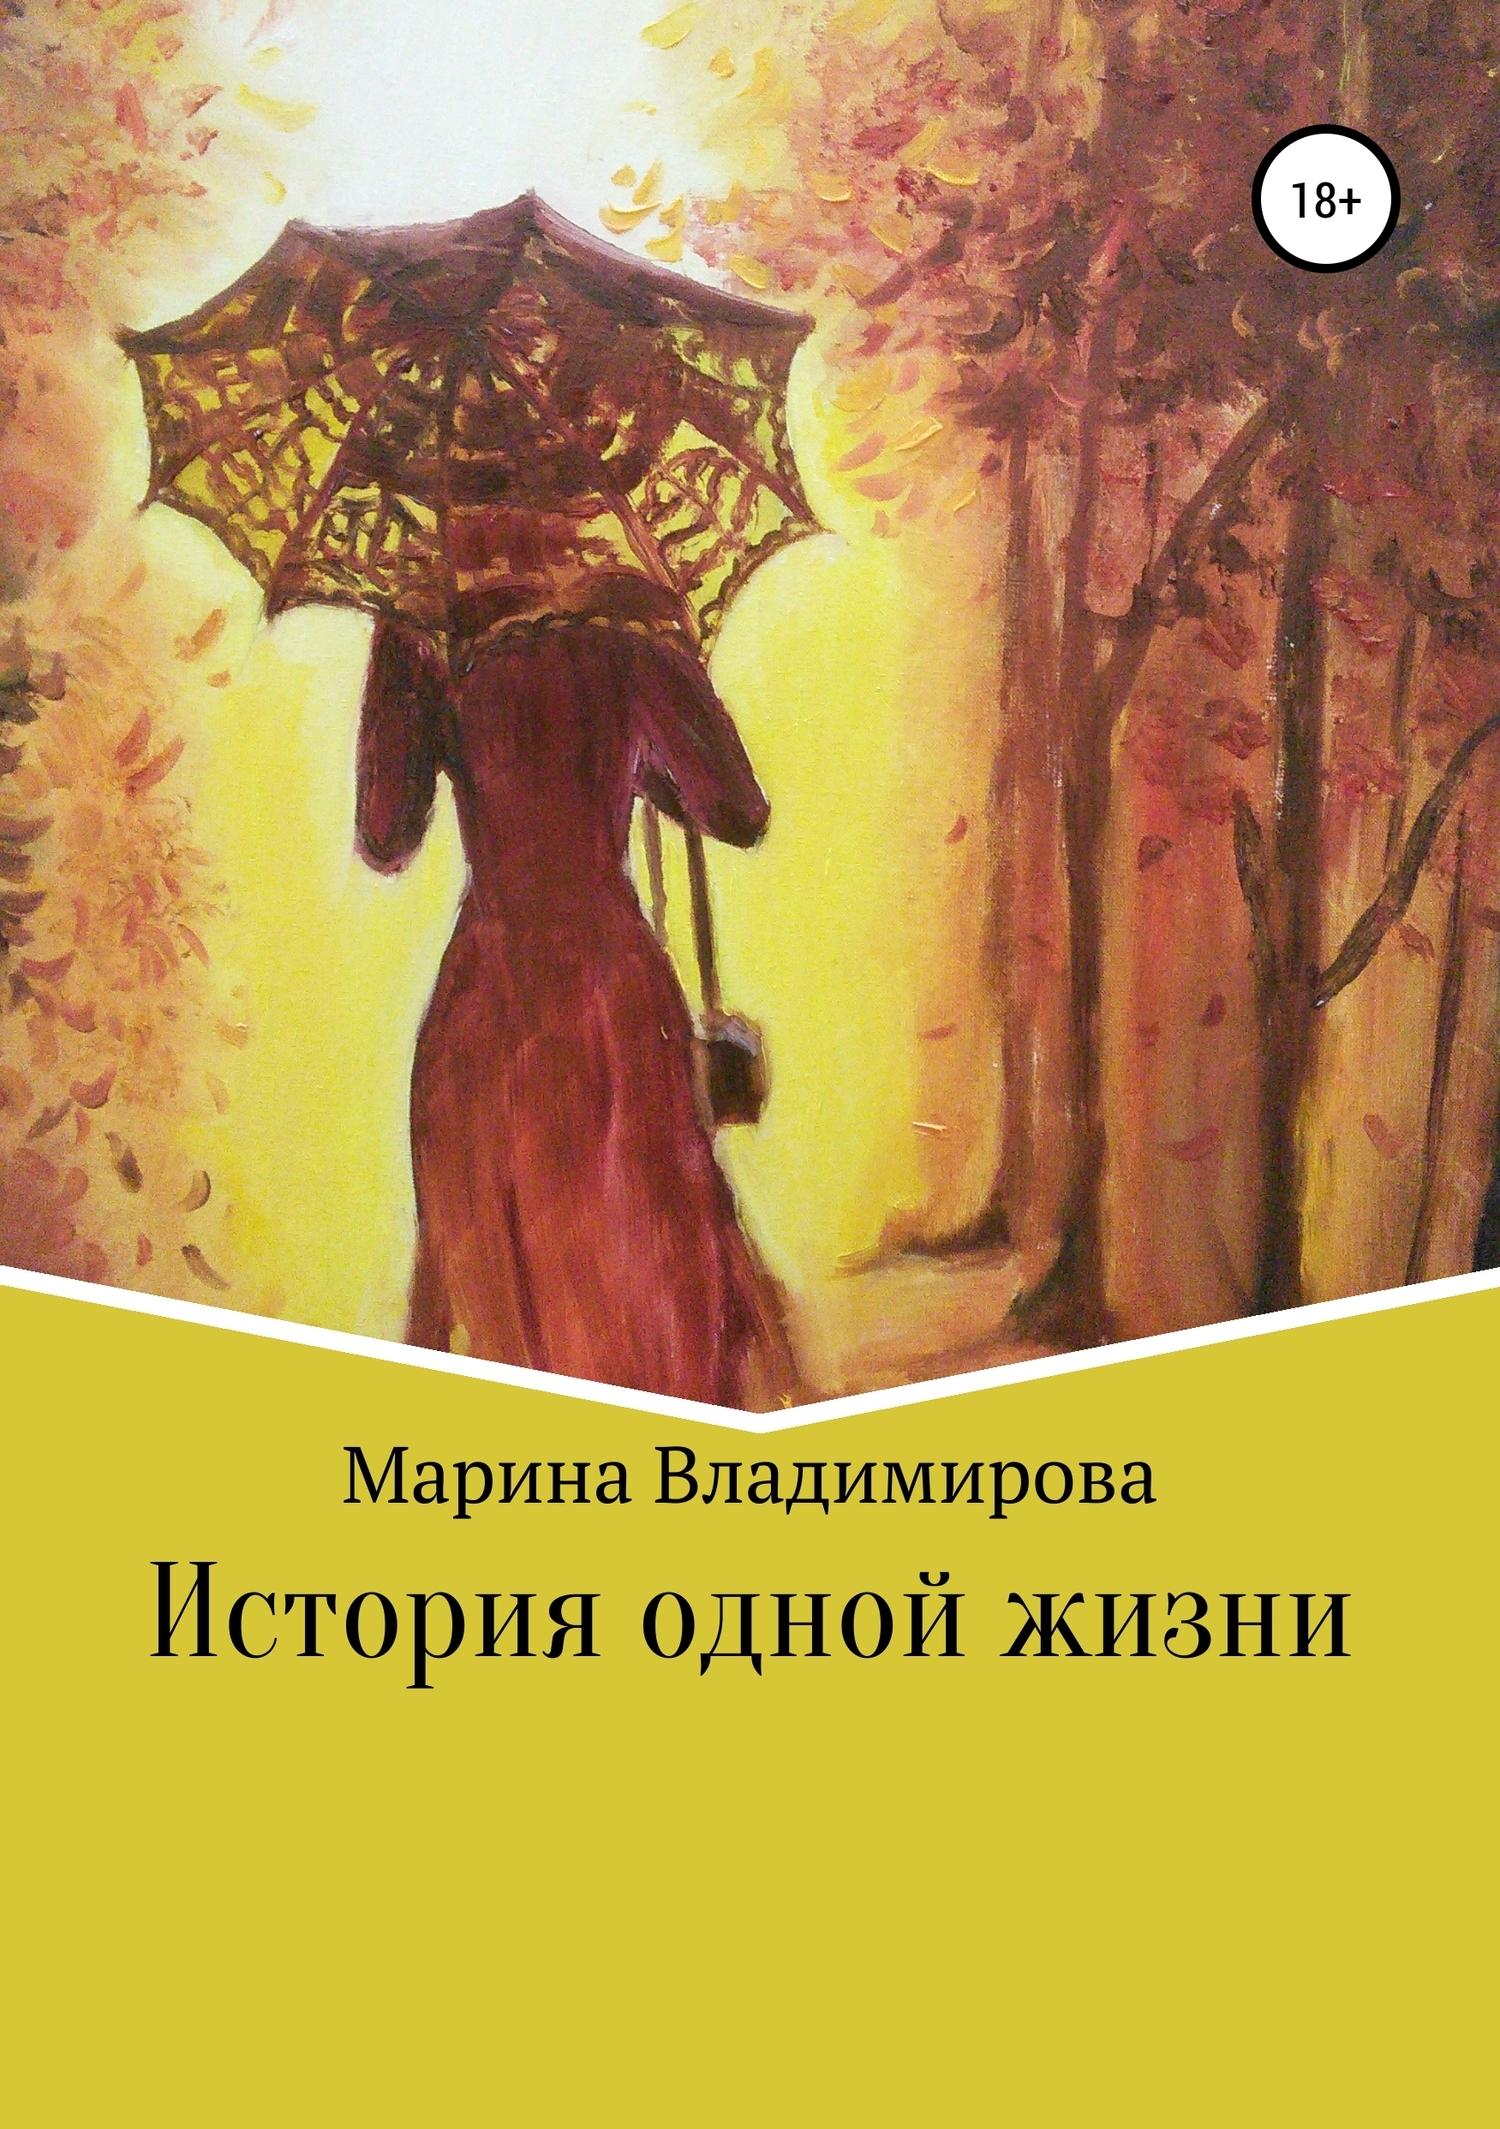 Марина Владимирова - История одной жизни